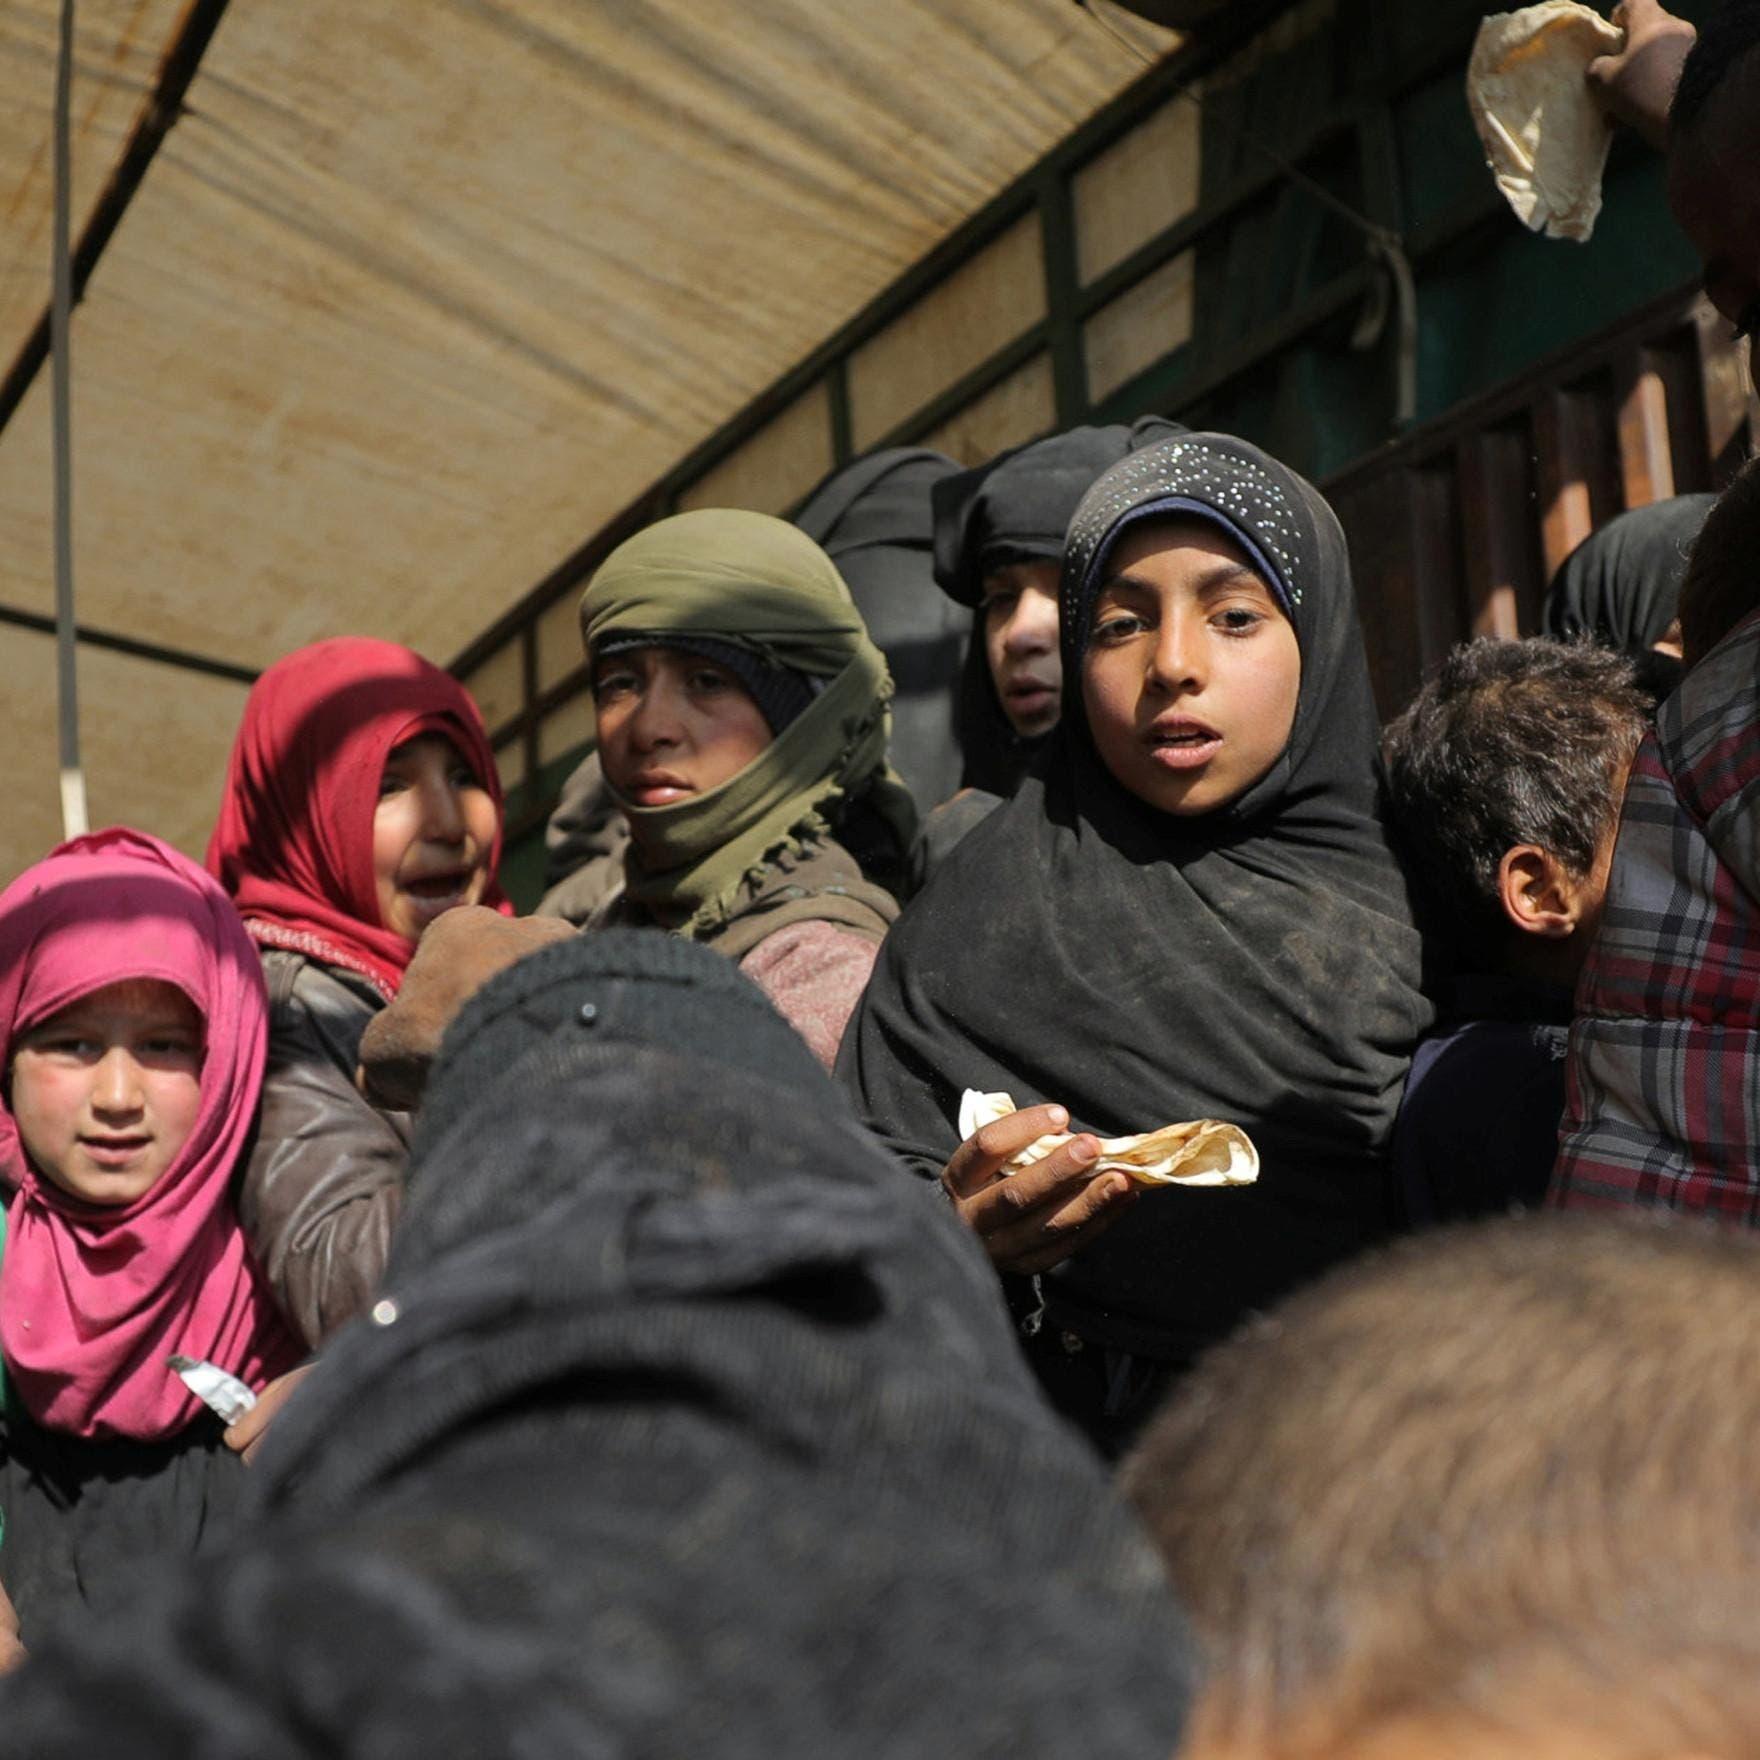 800 نازح جديد يغادرون الباغوز جيب داعش الأخير بسوريا